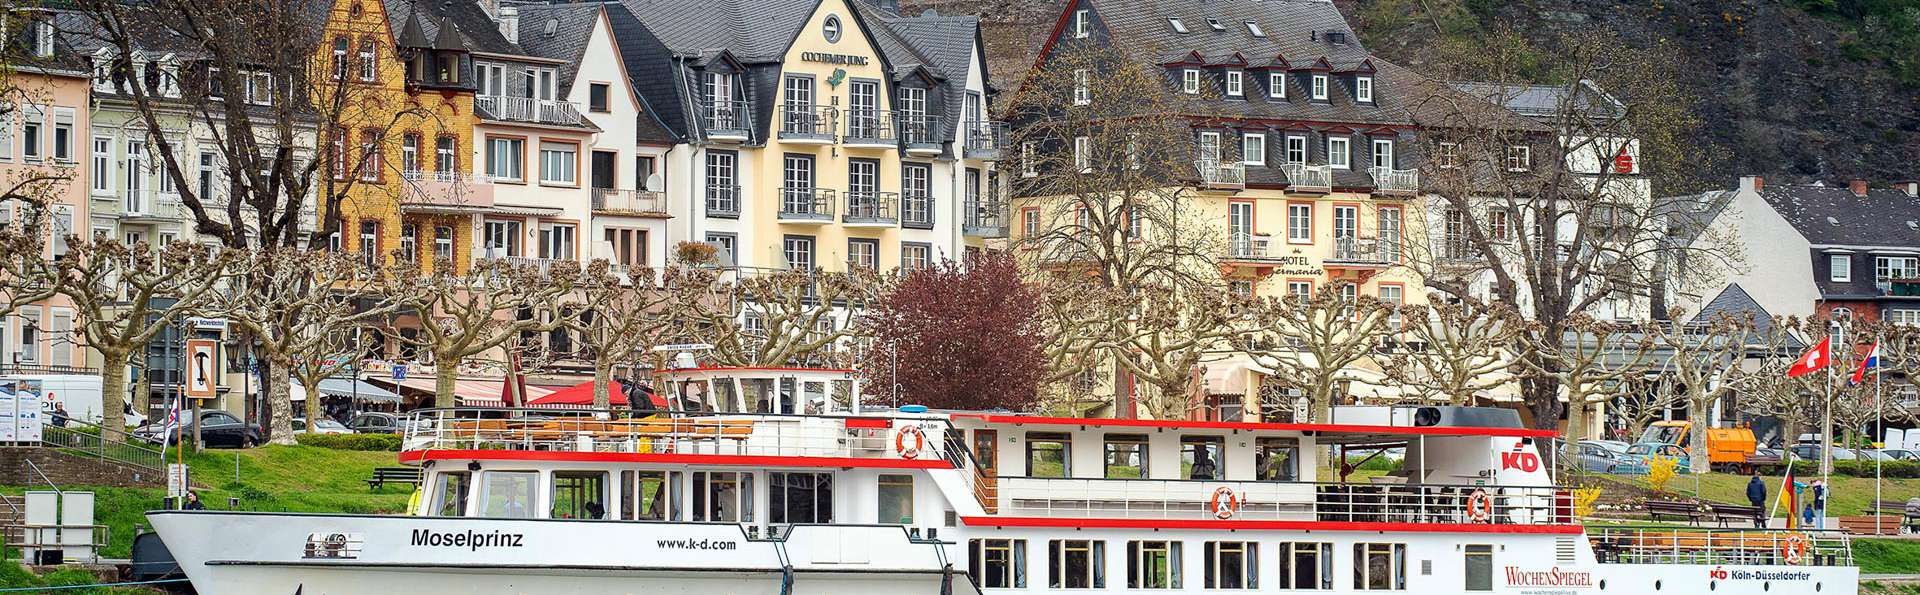 Week-end sur la Moselle avec promenade en bateau sur le fleuve